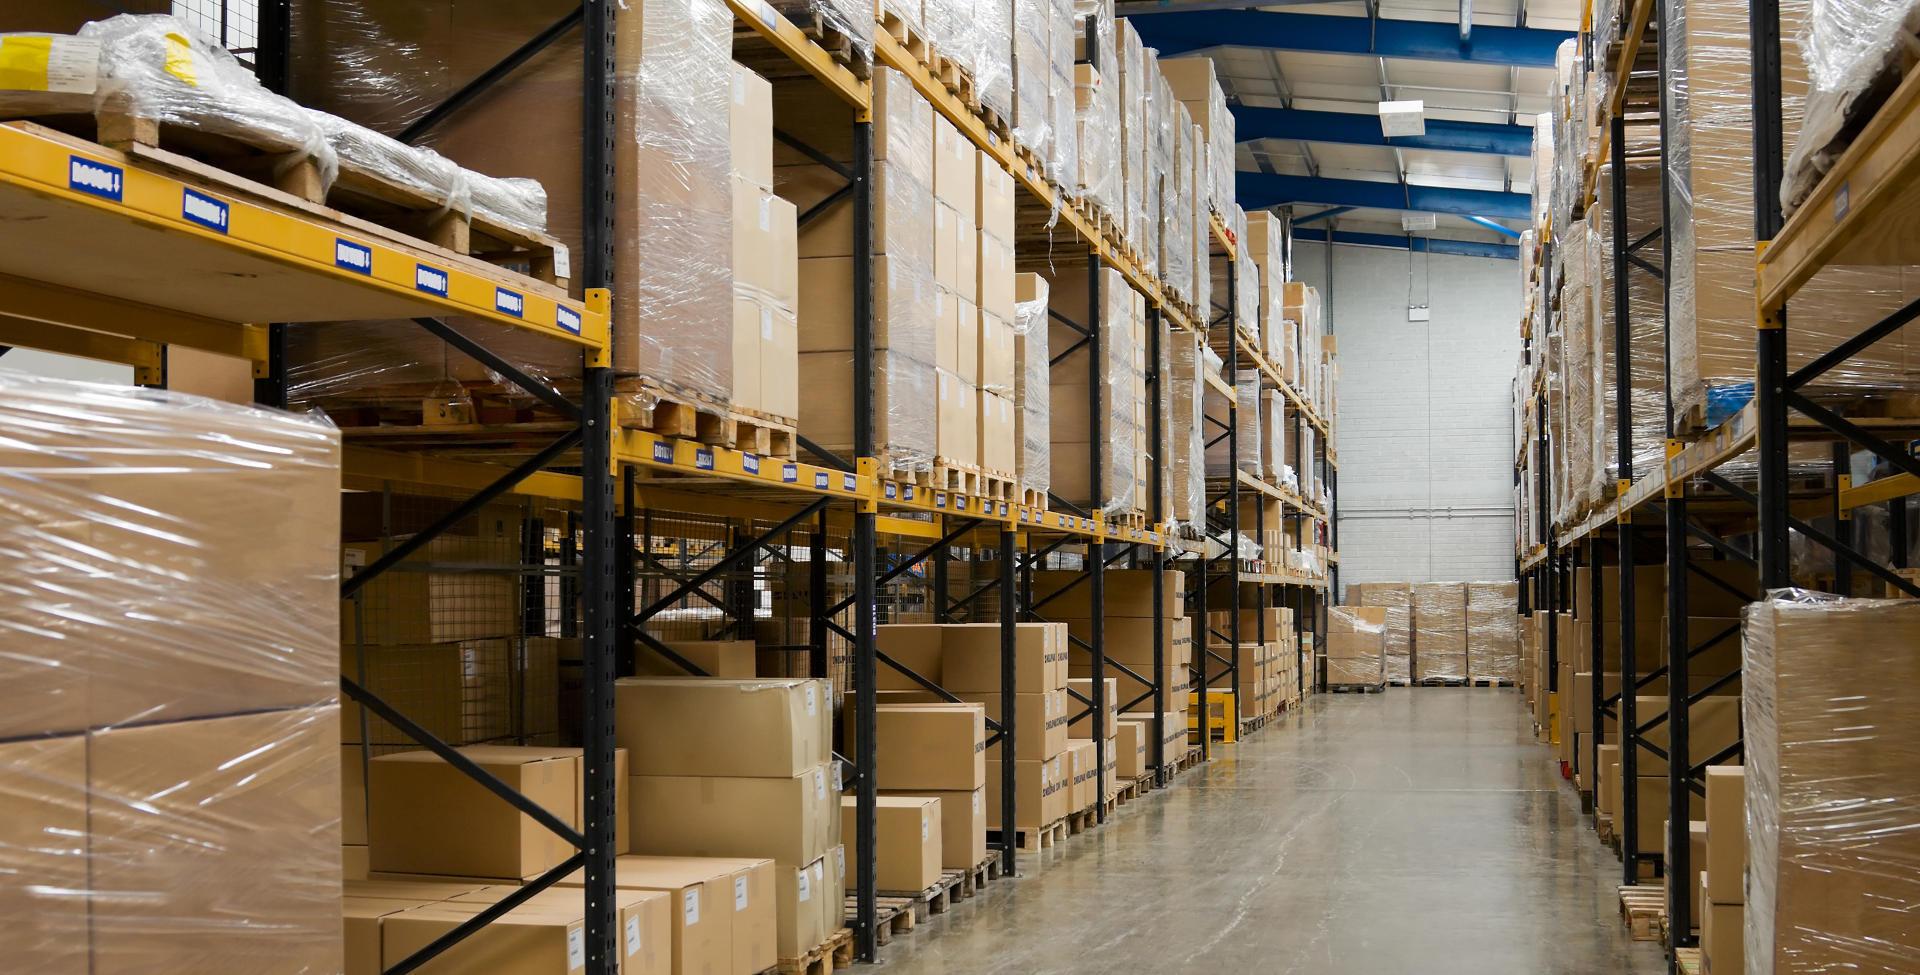 Потери бюджета от таможенных нарушений ввоза товаров из КНР составляют порядка 200 млрд тенге – КГД